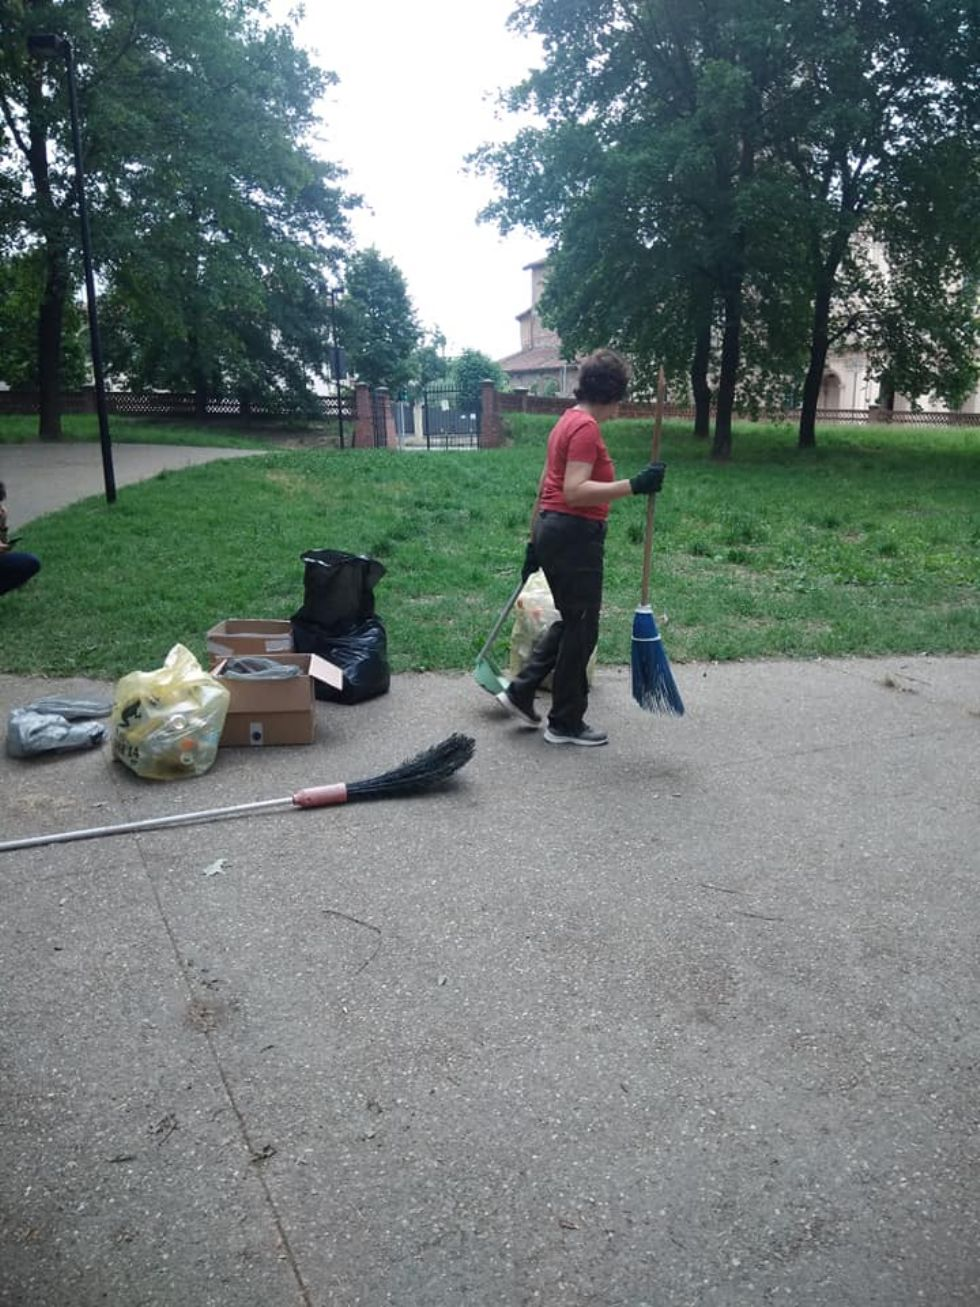 MONCALIERI - Il parco Lancia pieno di bottiglie e cartacce: lo ripuliscono i cittadini